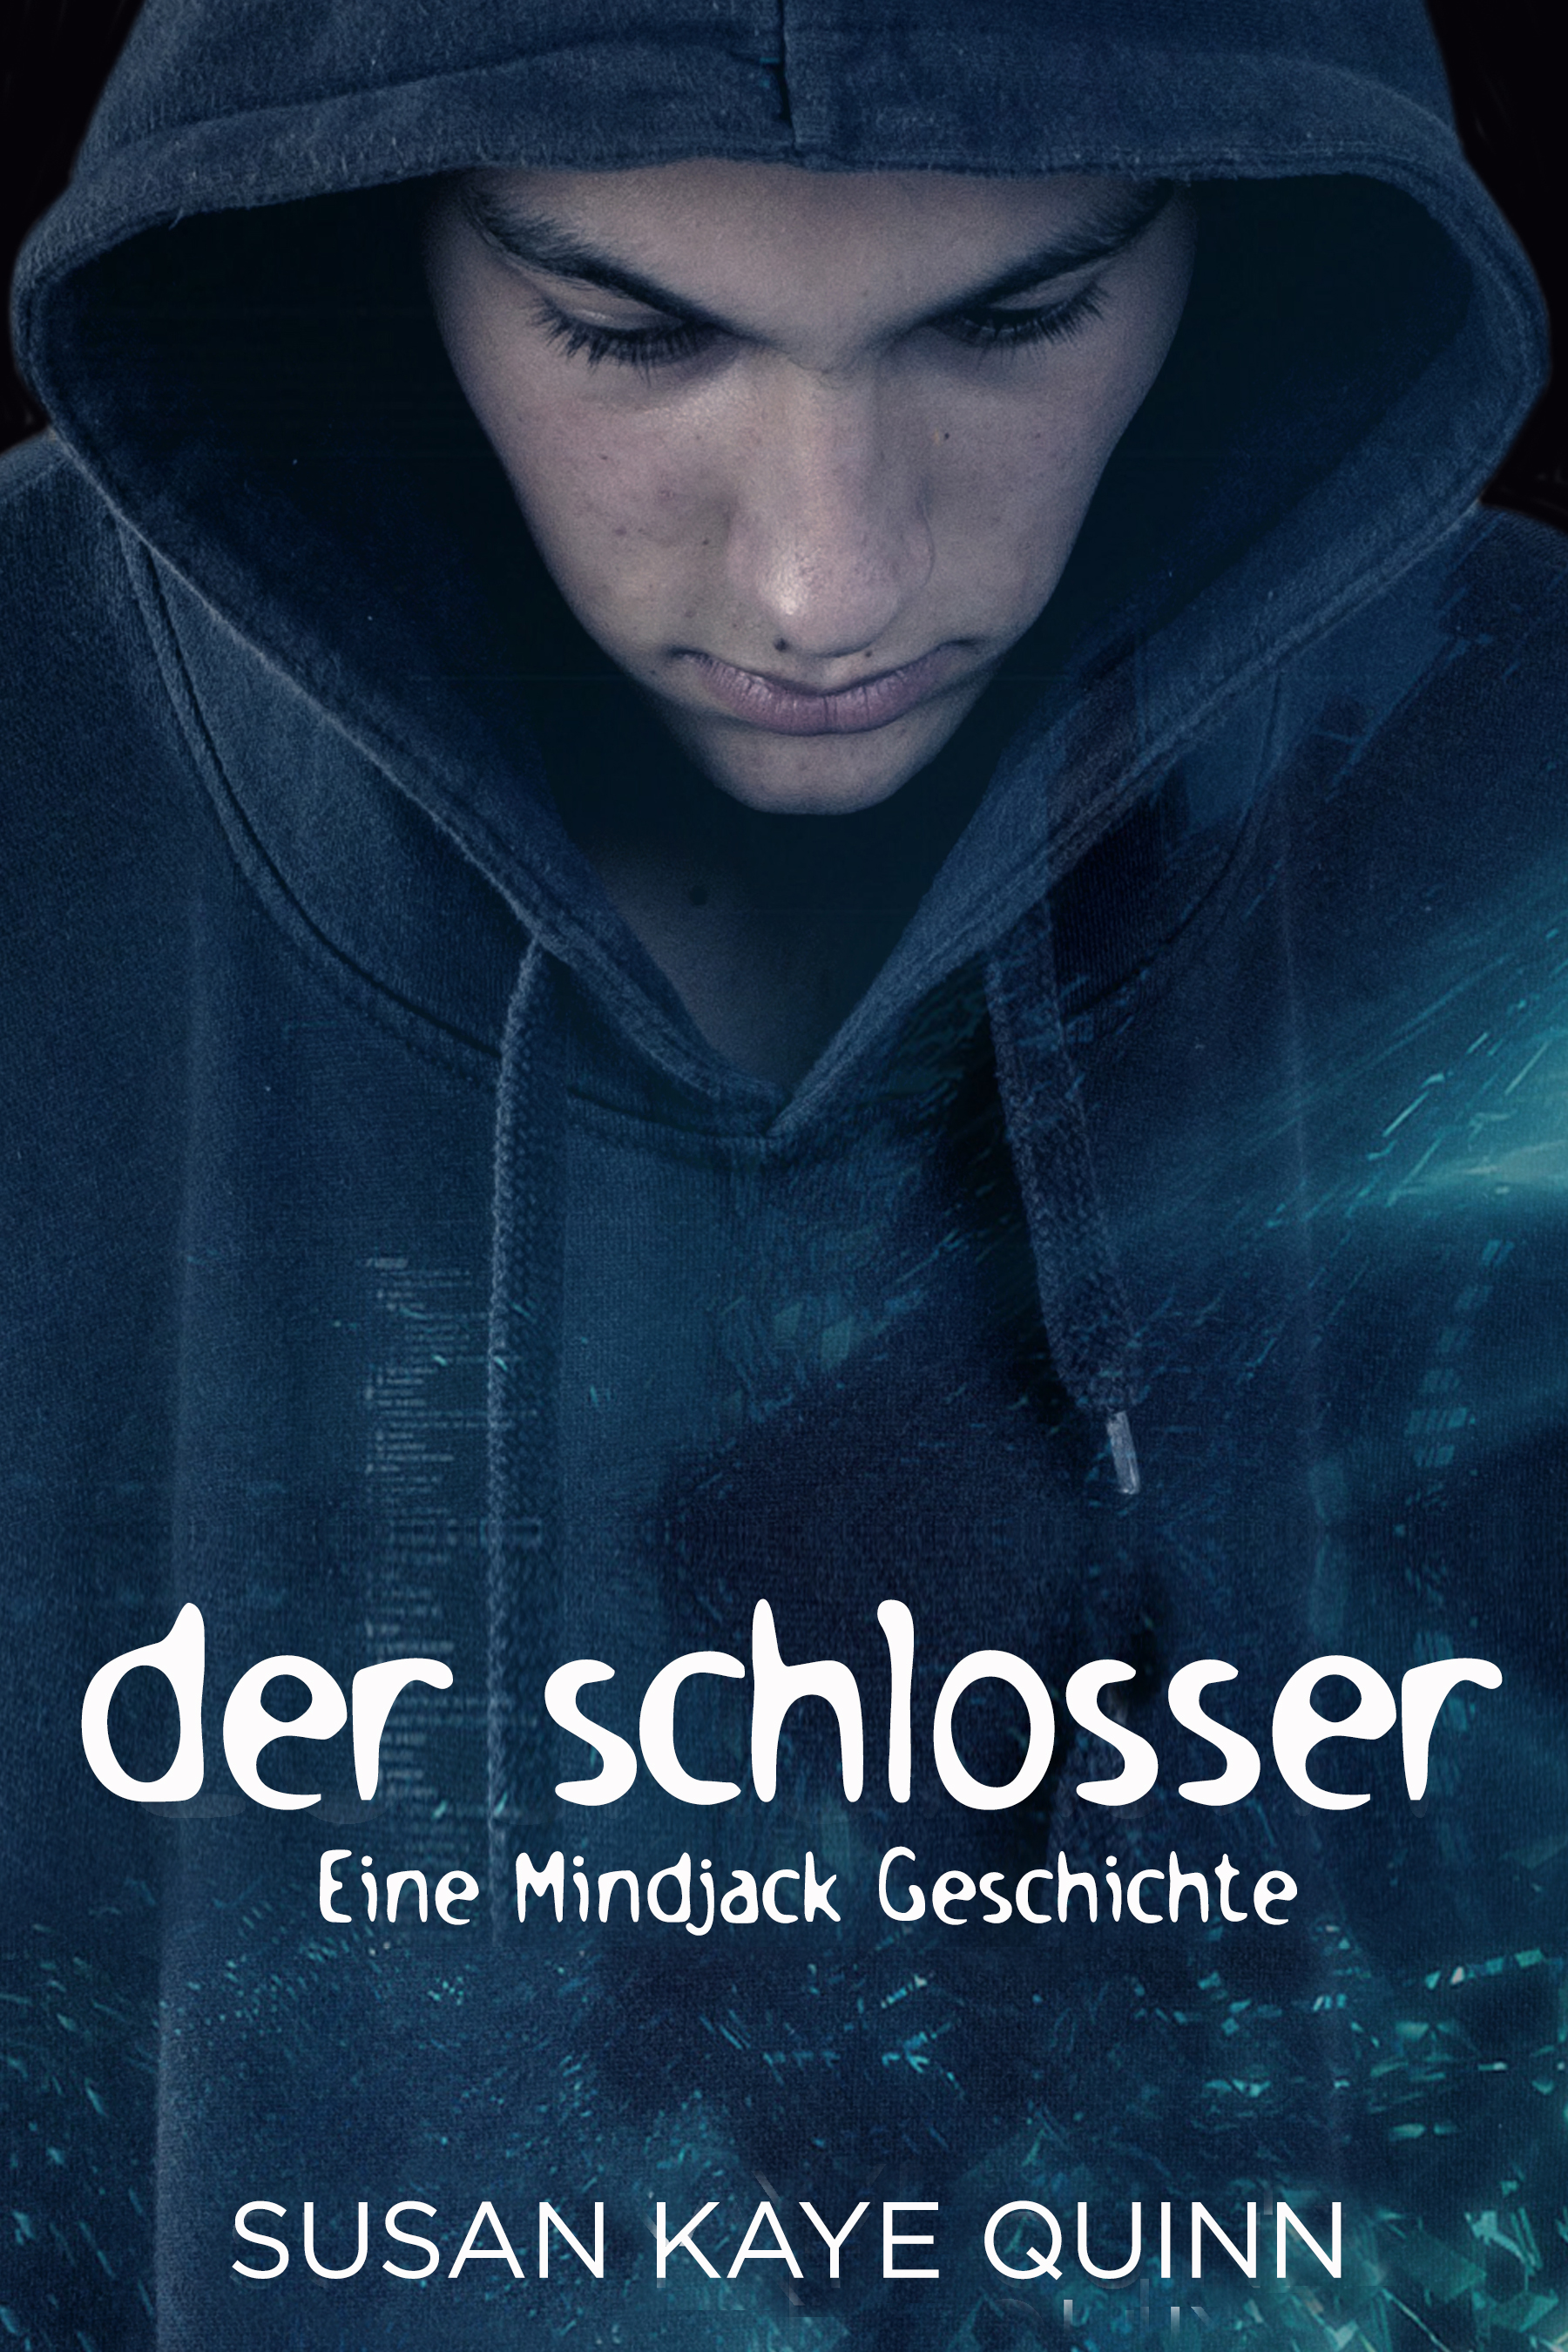 Der Schlosser (Eine Mindjack Geschichte)